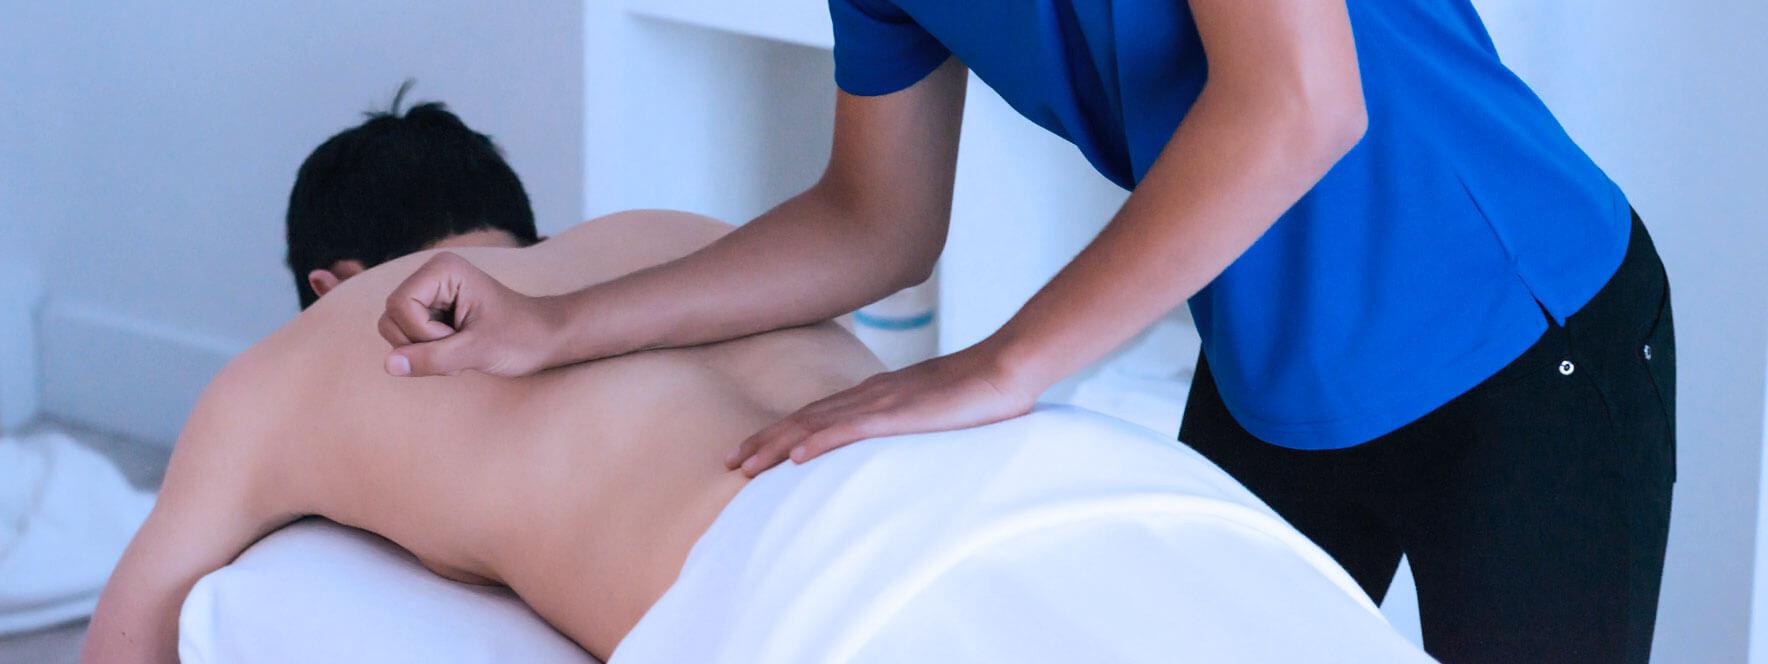 Homme qui reçoit un massage lomi lomi